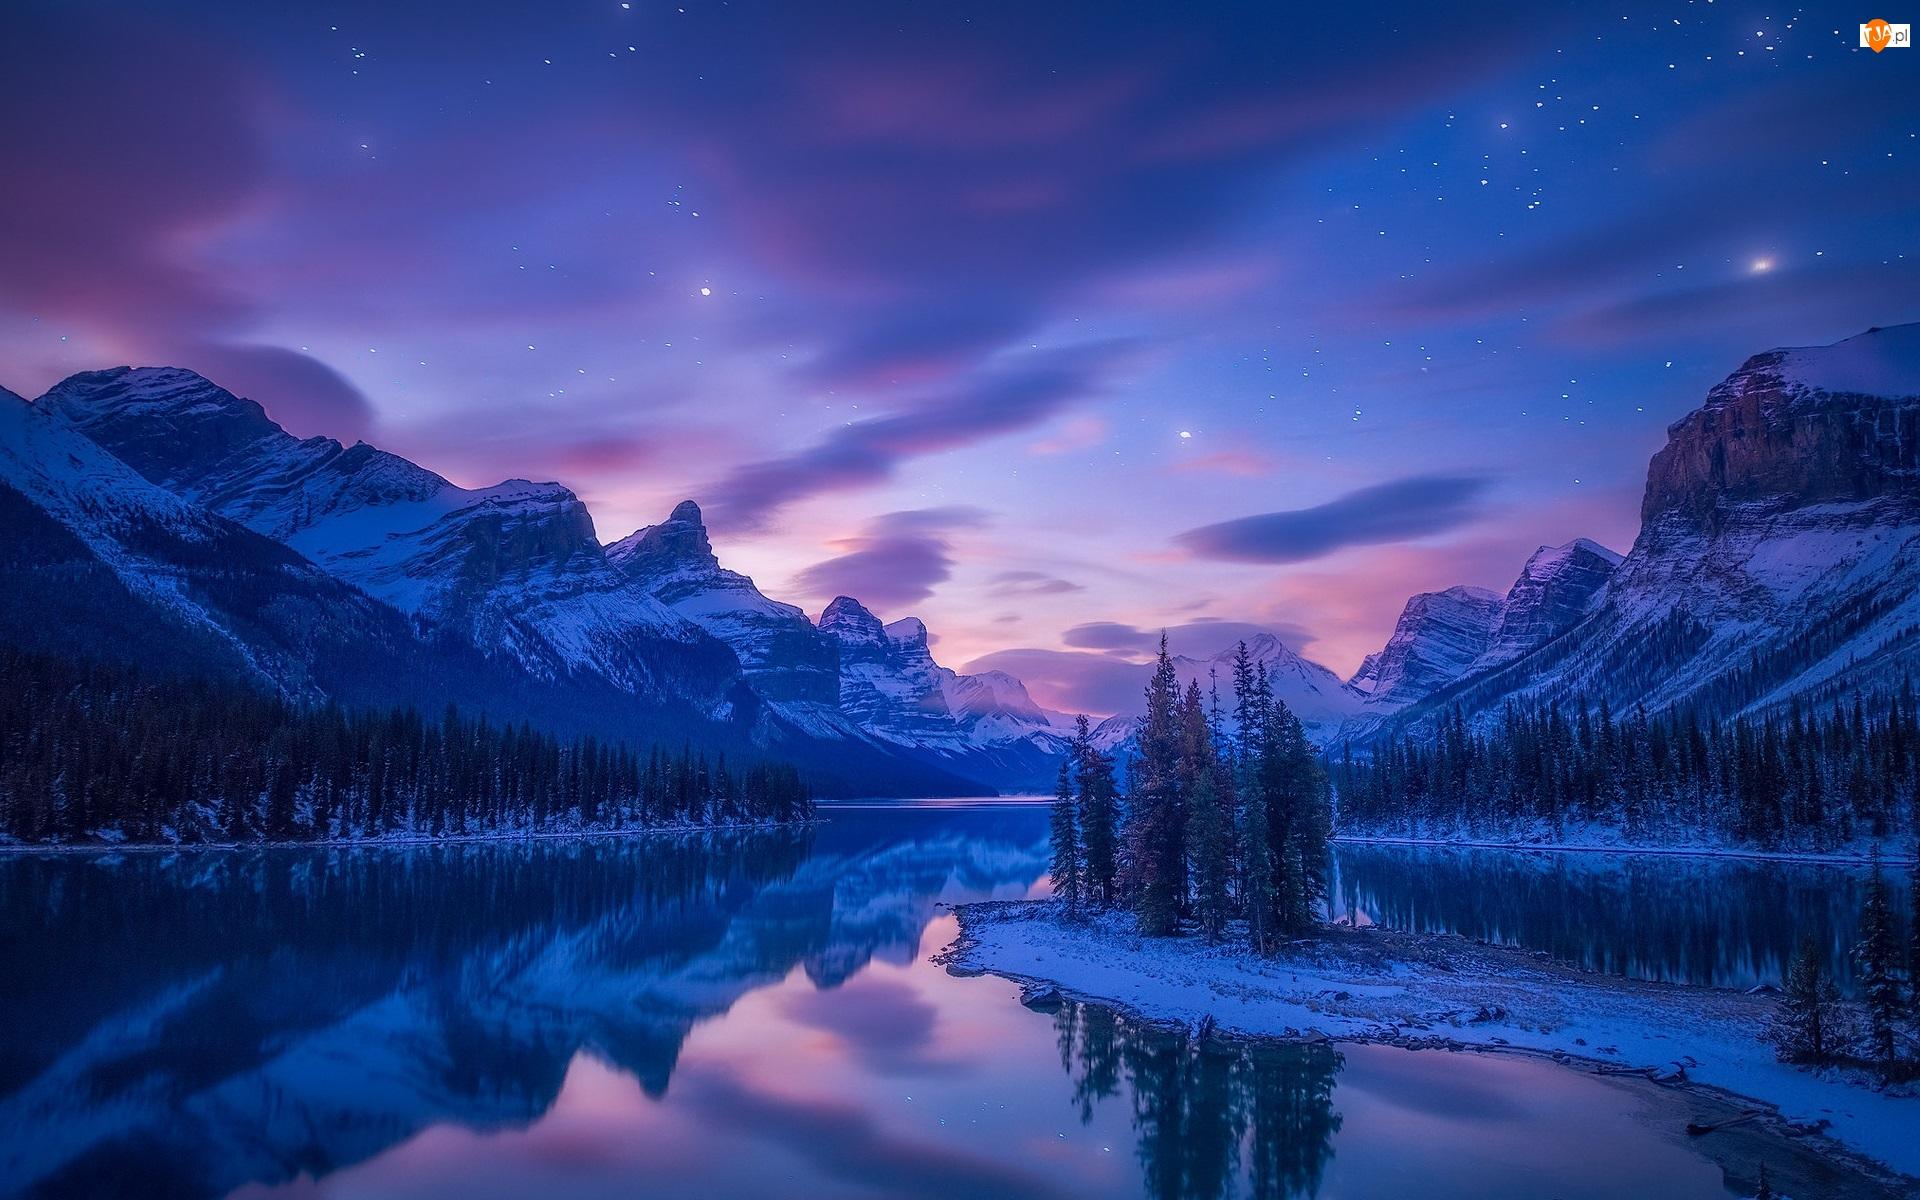 Góry, Lasy, Gwiazdy, Zima, Jezioro, Alberta, Drzewa, Park Narodowy Jasper, Chmury, Maligne Lake, Kanada